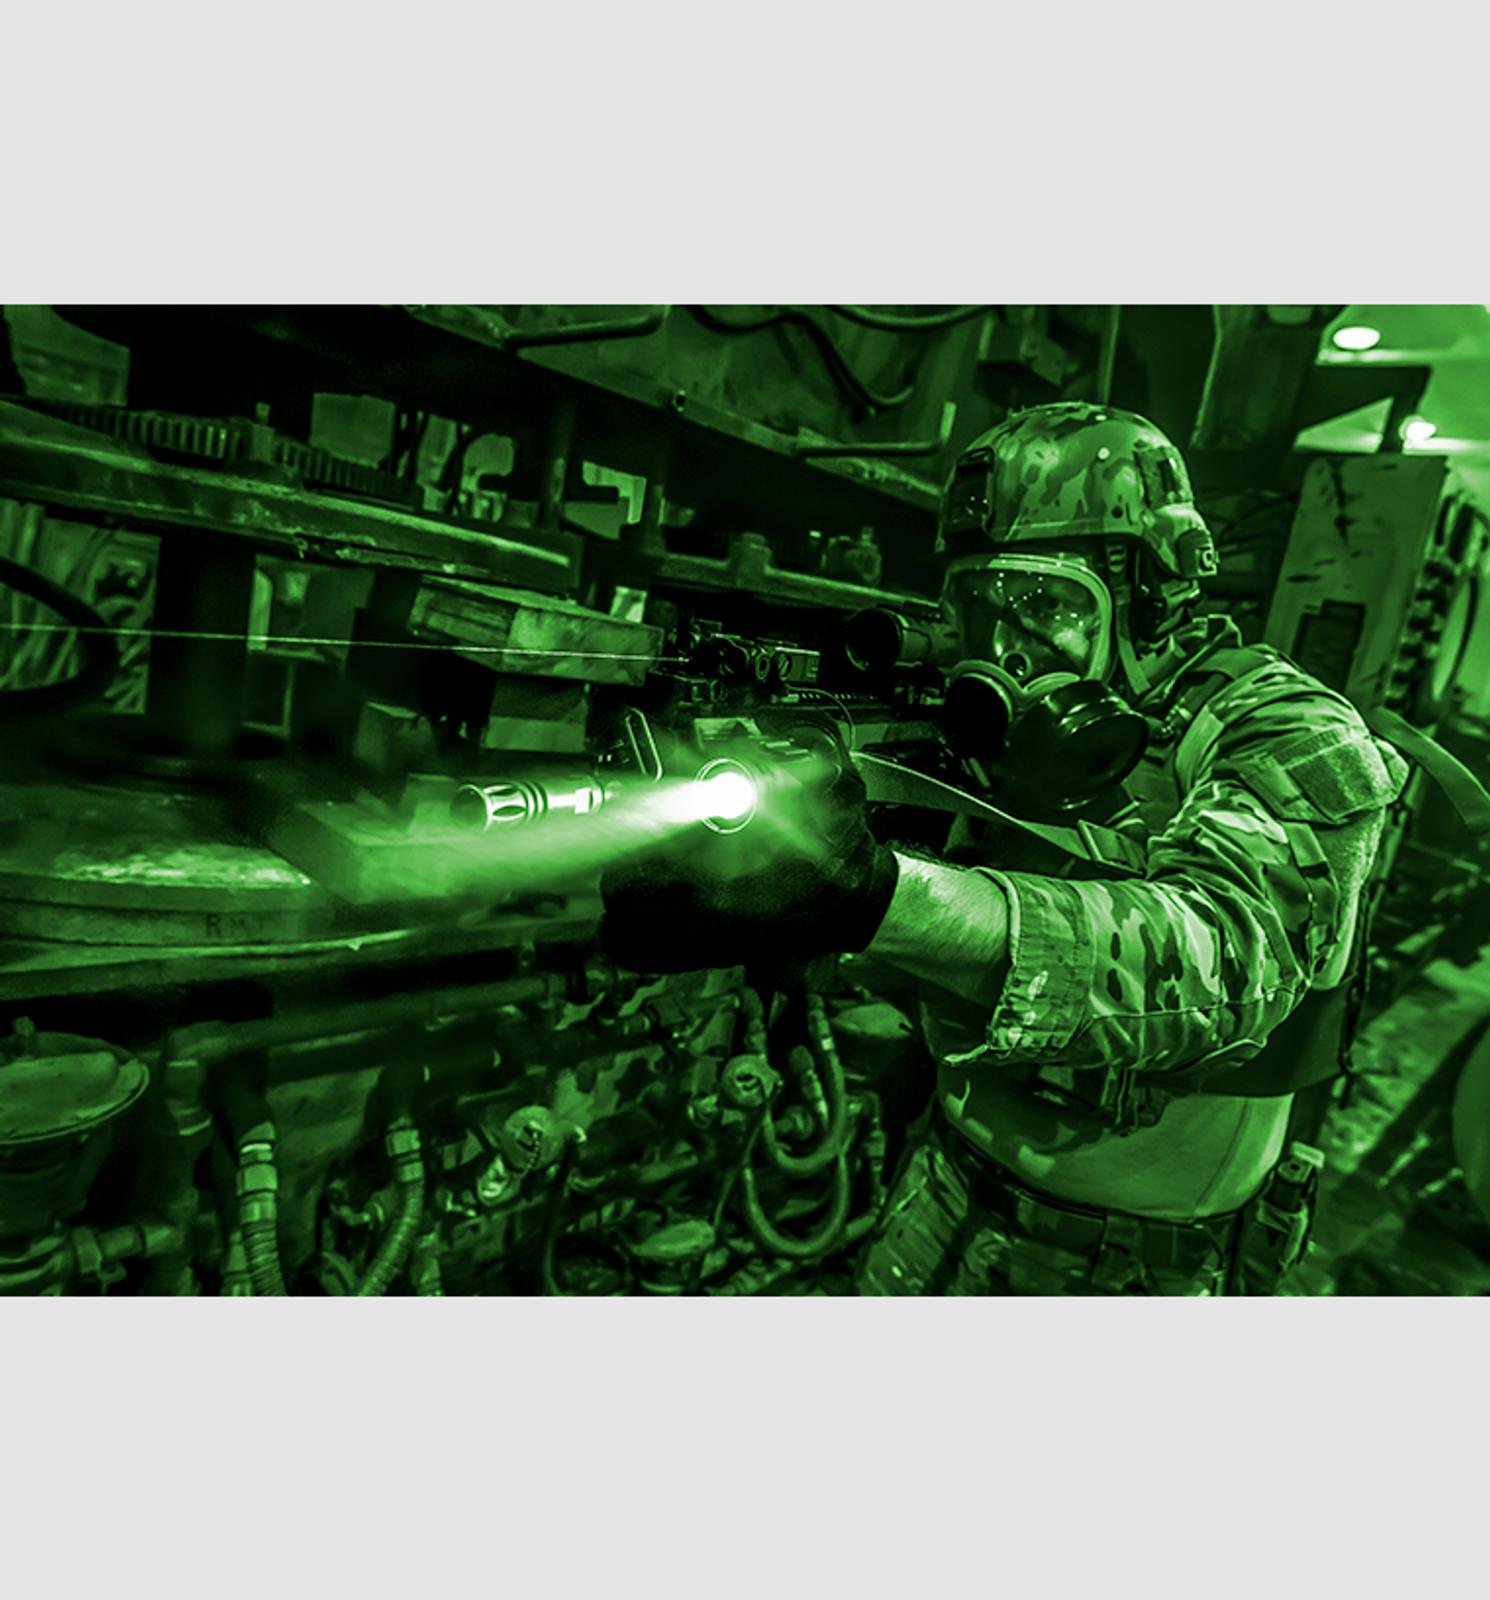 DBAL-A3 Civilian Dual Beam Aiming Laser - Advanced 3 Tan